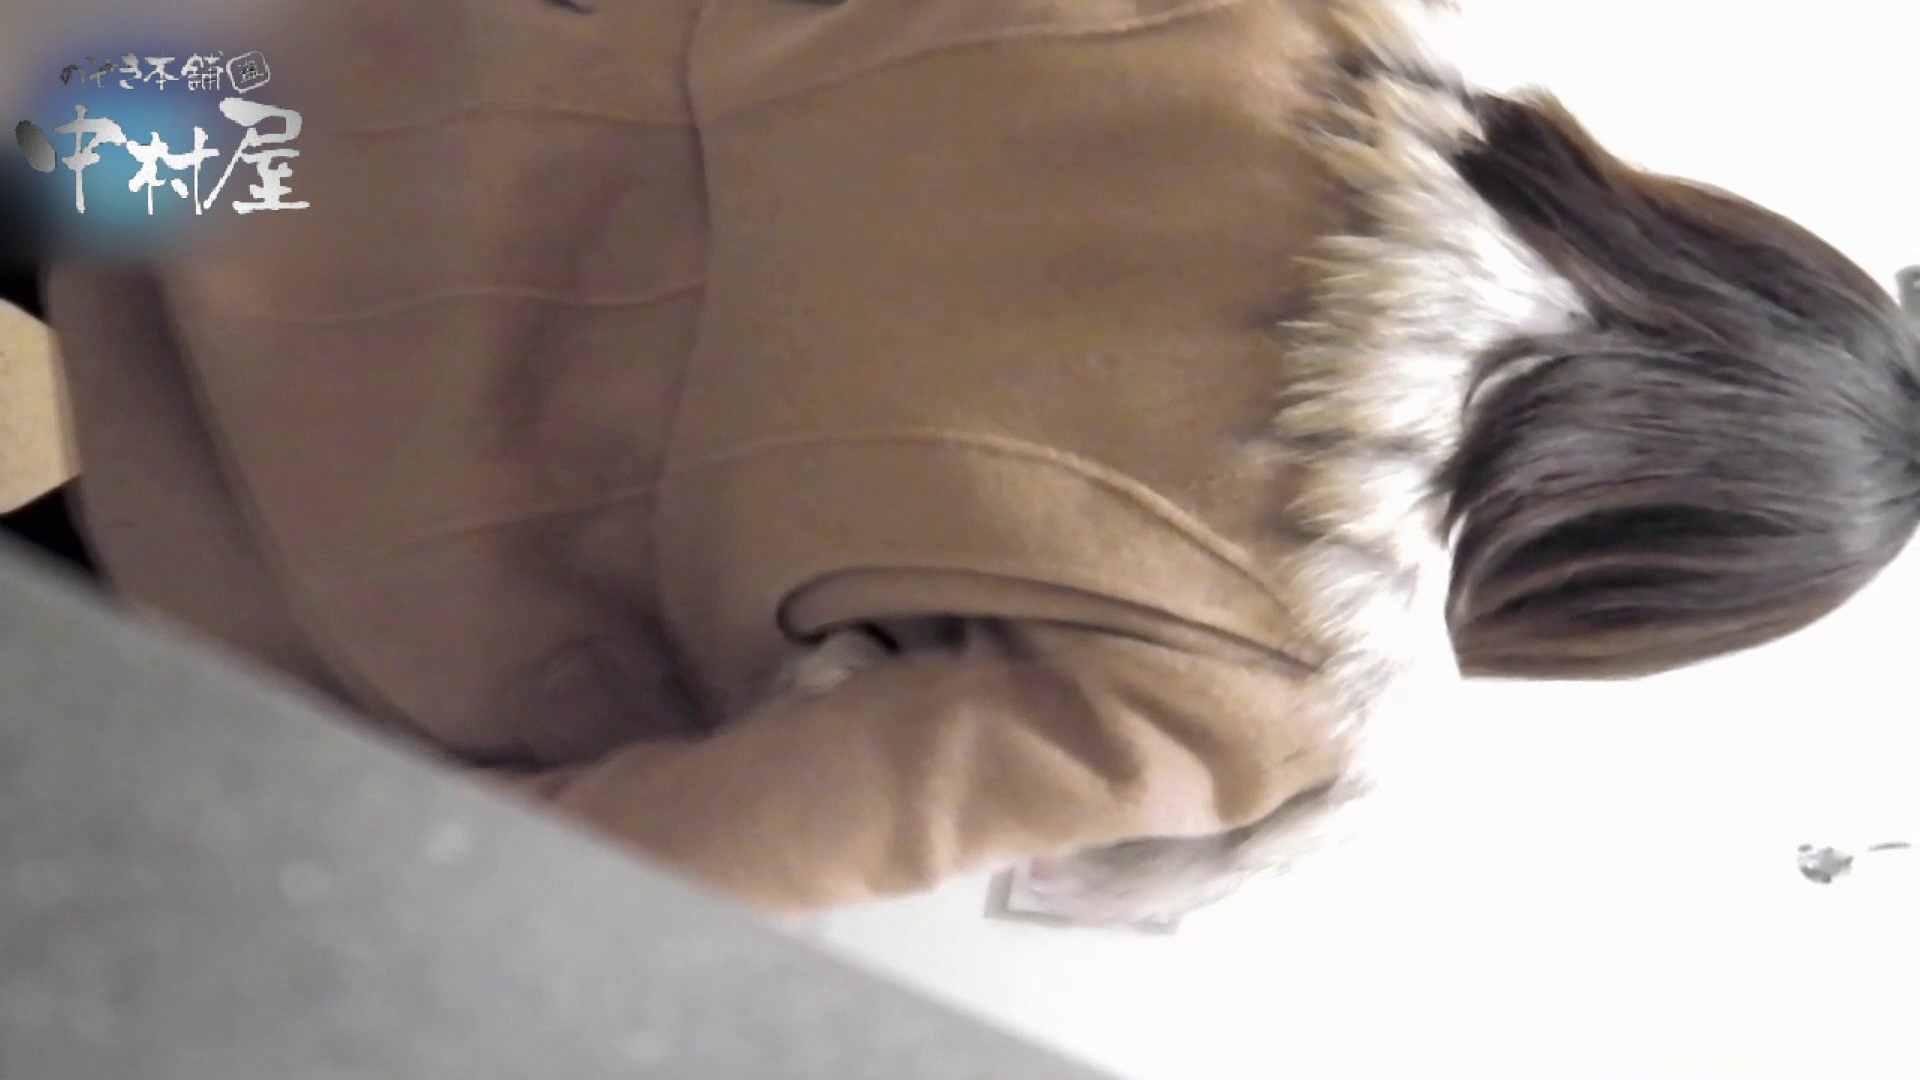 乙女集まる!ショッピングモール潜入撮vol.12 潜入 オマンコ無修正動画無料 89枚 20